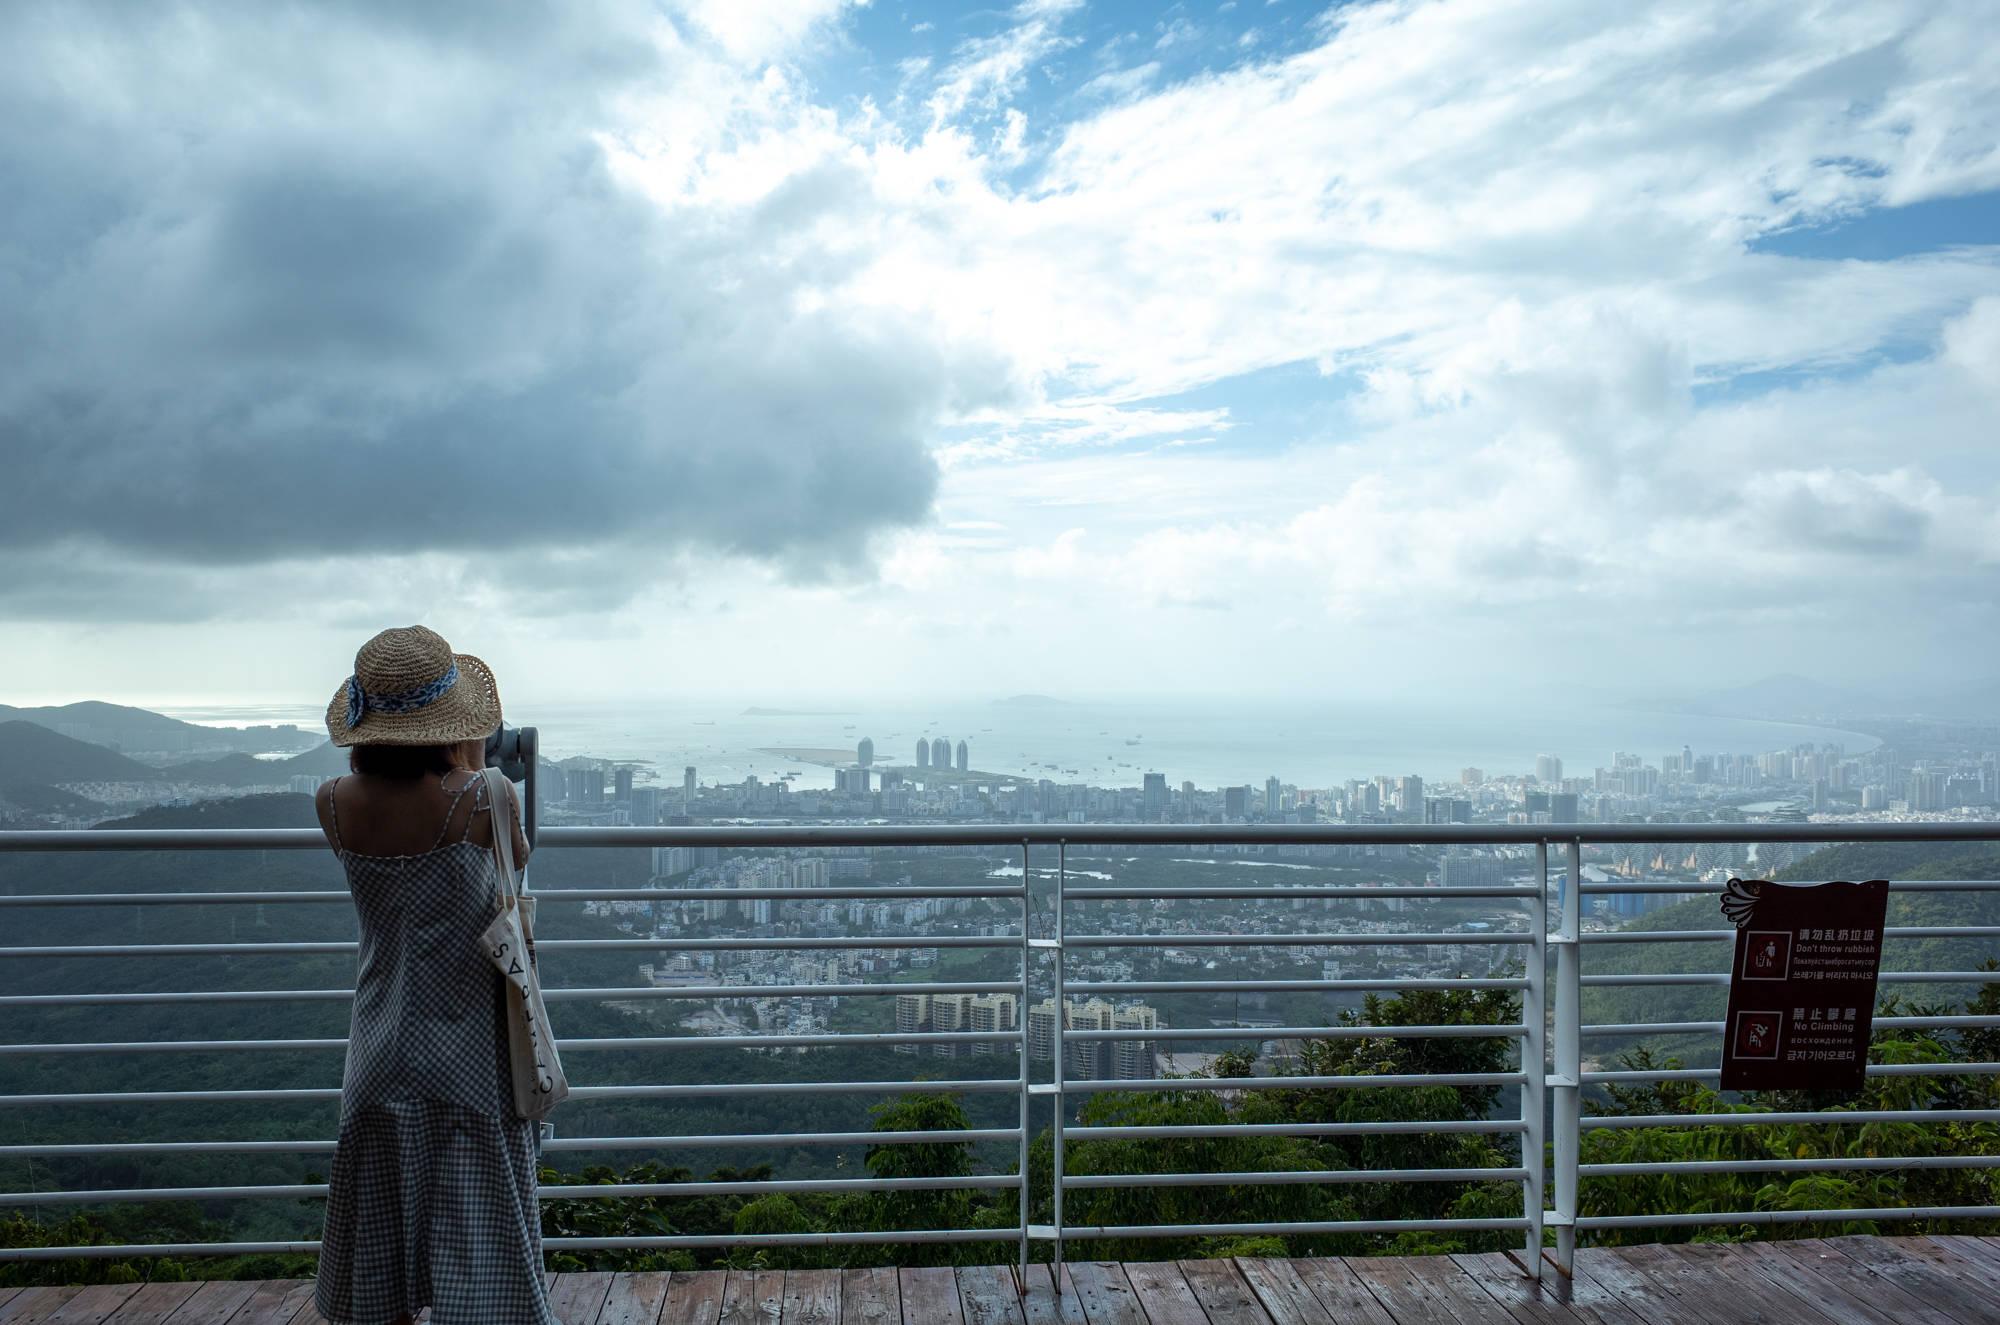 原创             三亚常被忽略的旅游景点,俯瞰三亚全景的绝佳处,情侣必打卡